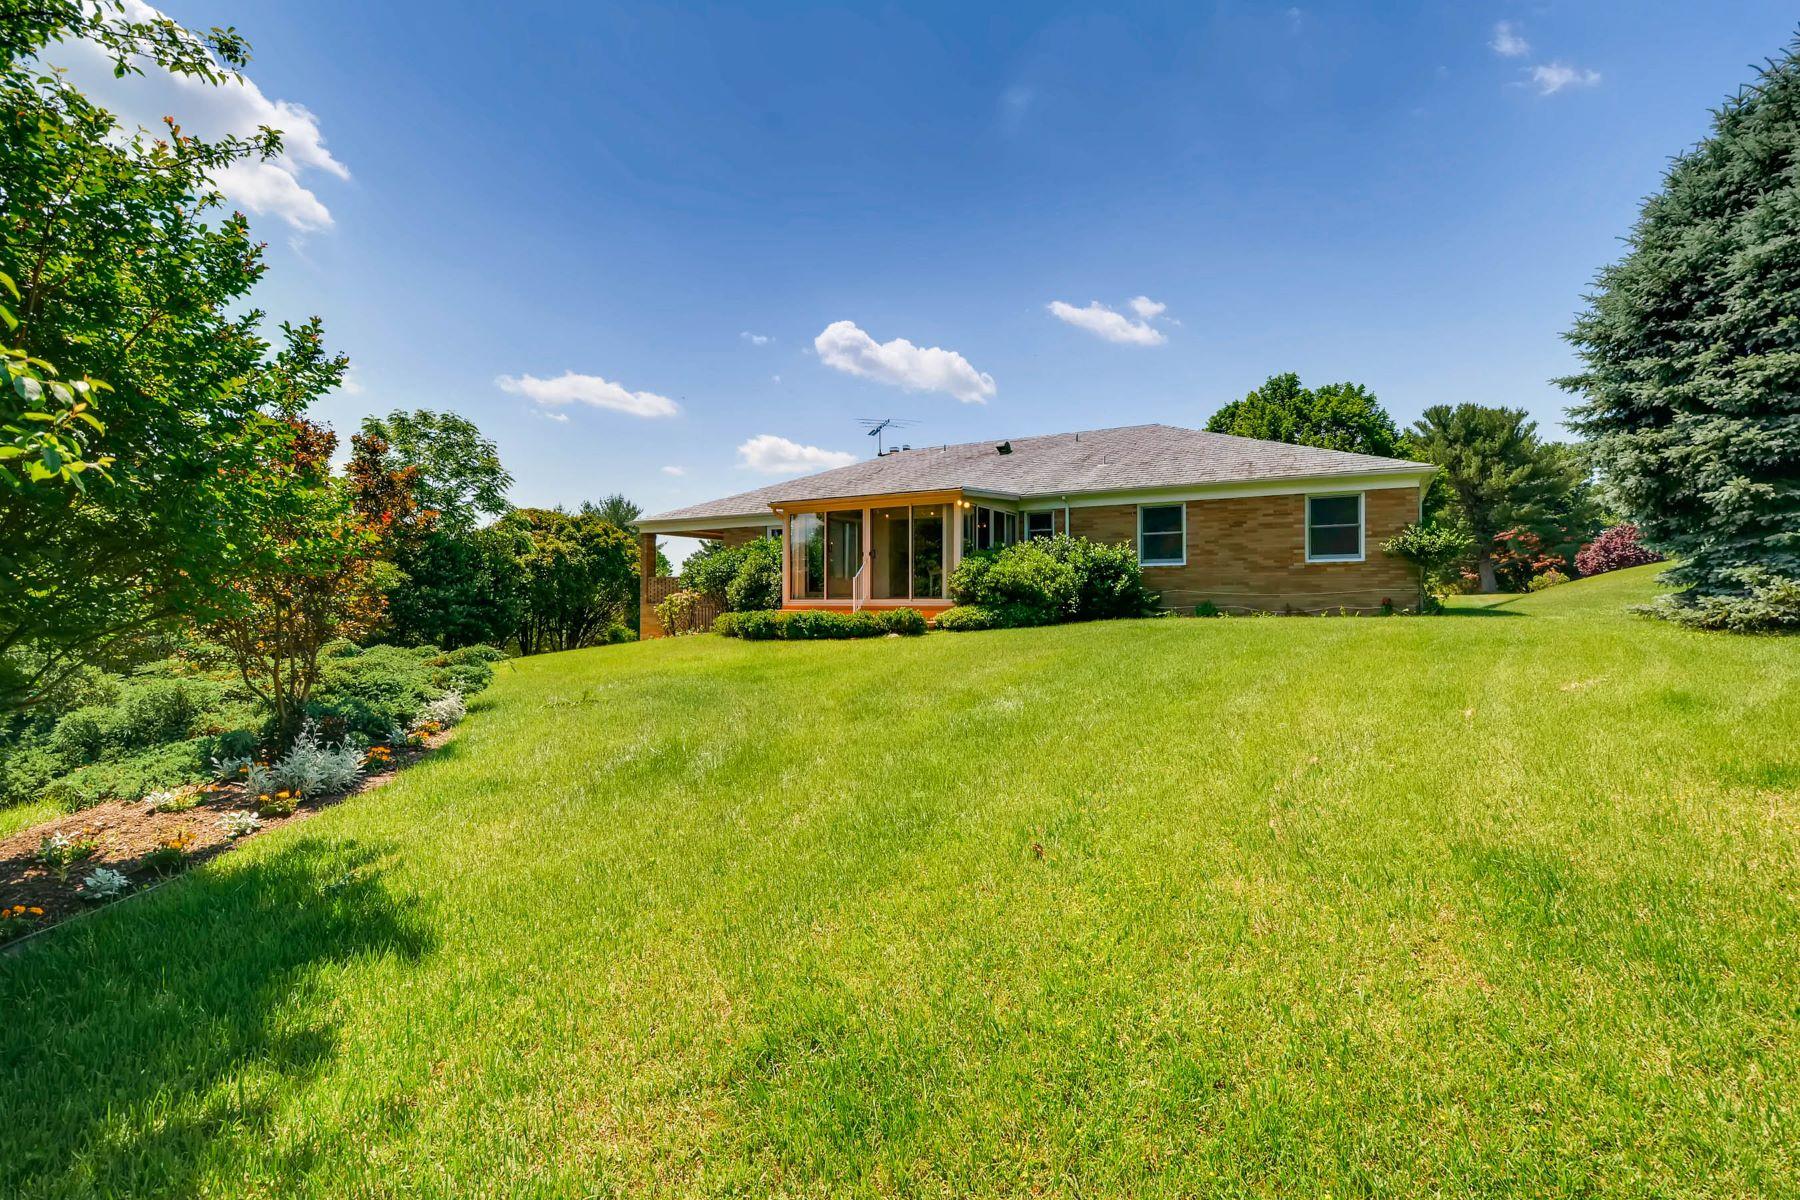 단독 가정 주택 용 매매 에 306 Lohview Terrace 306 Lochview Terrace Lutherville Timonium, 메릴랜드 21093 미국